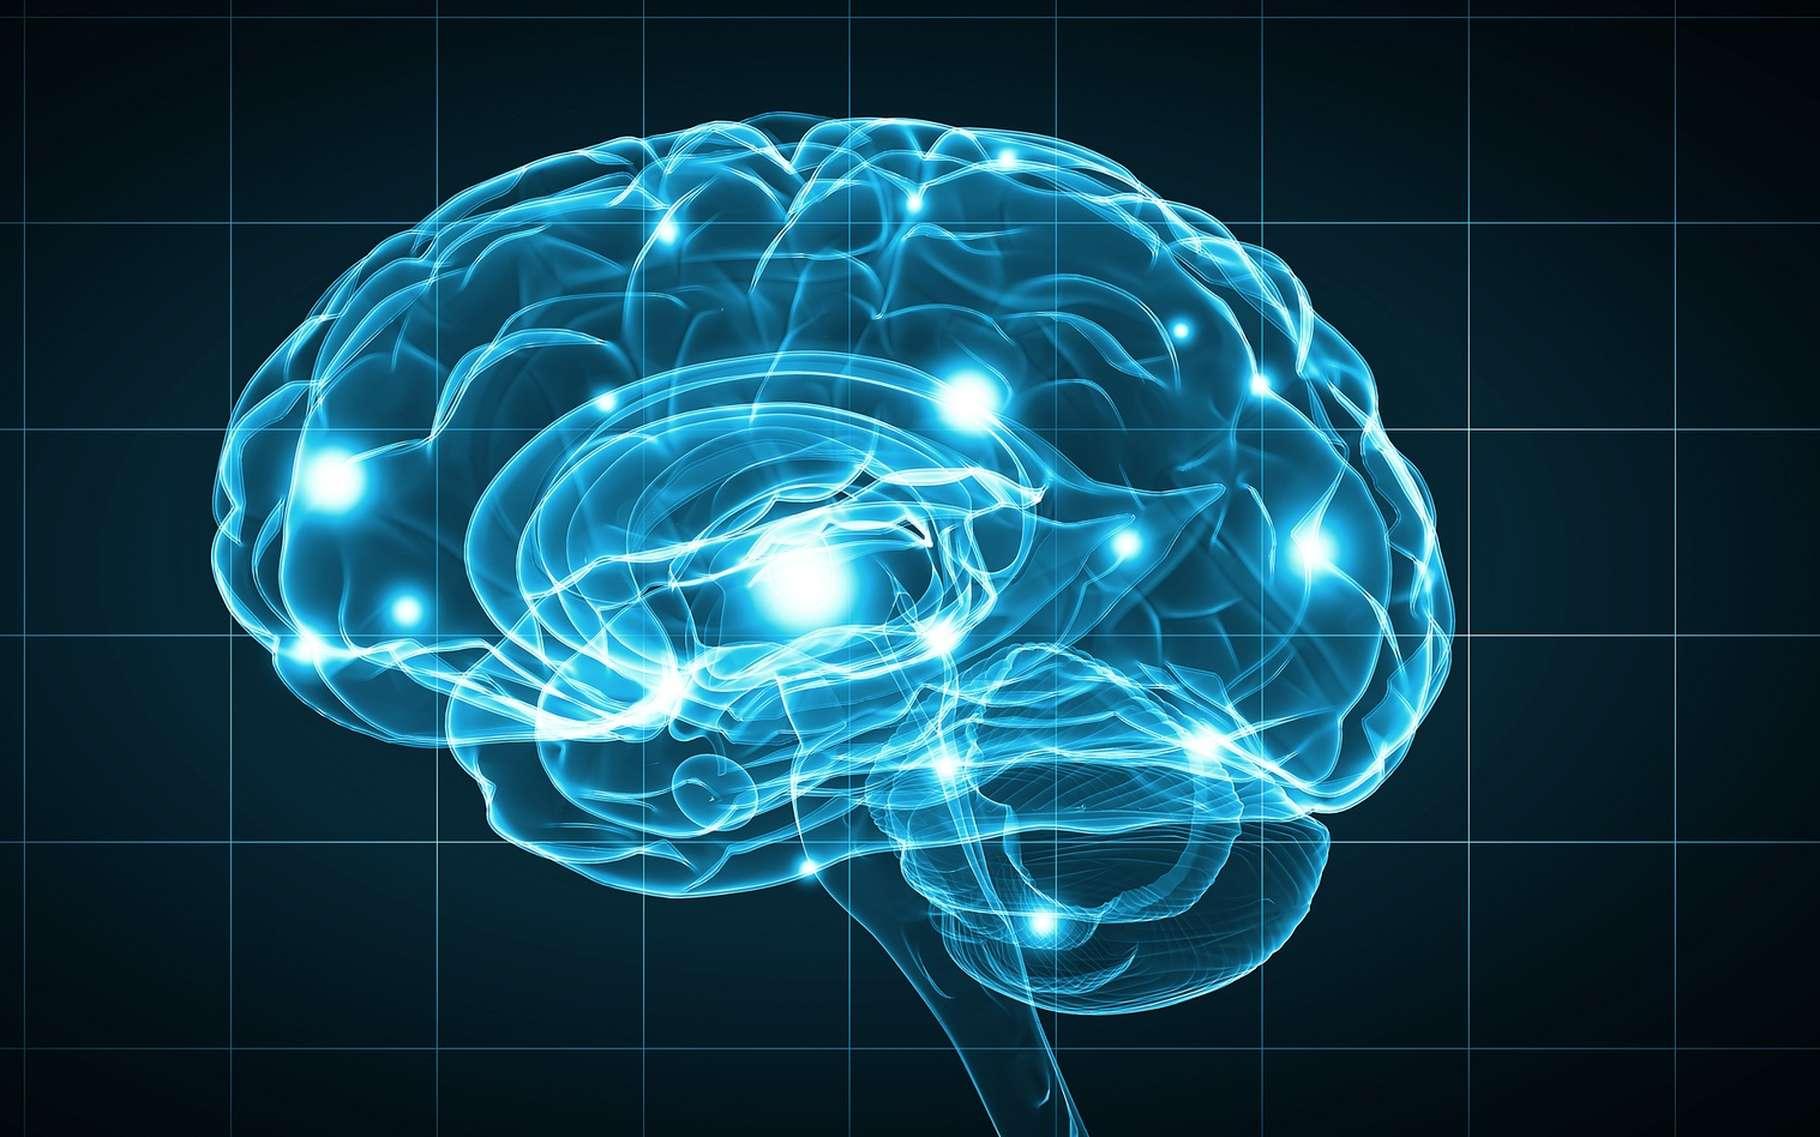 Vers 50 ans, l'obésité ferait vieillir le cerveau de 10 ans. © Sergey Nivens, Shutterstock